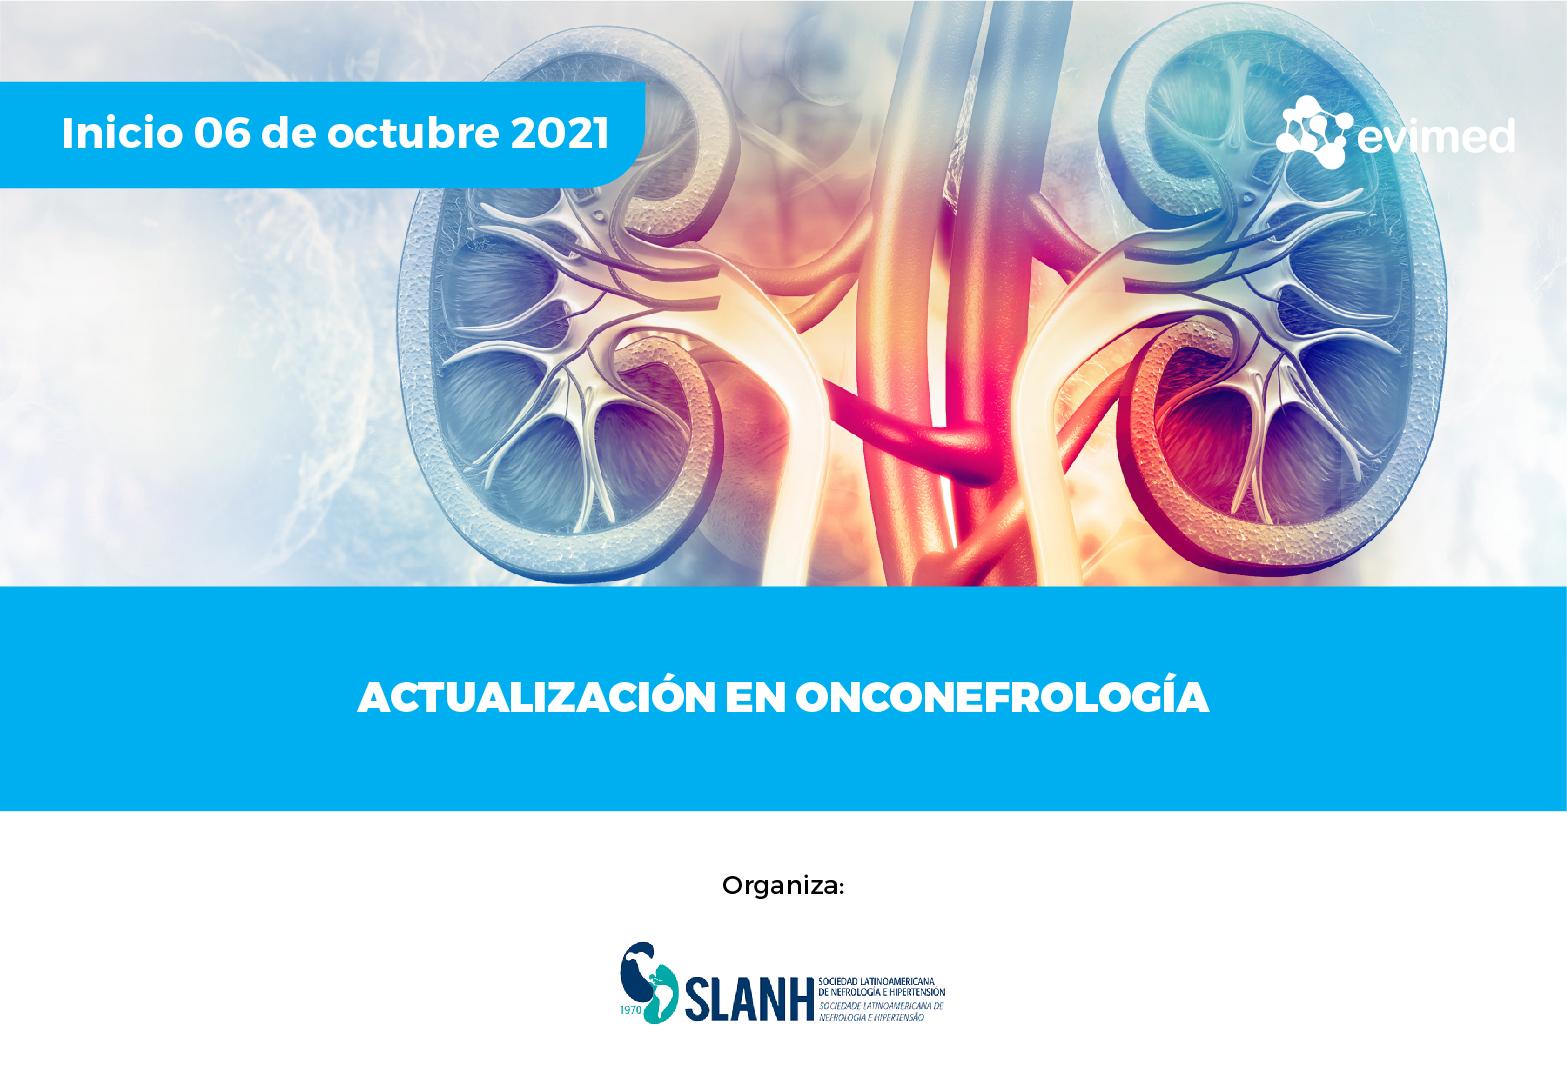 Actualización en onconefrología